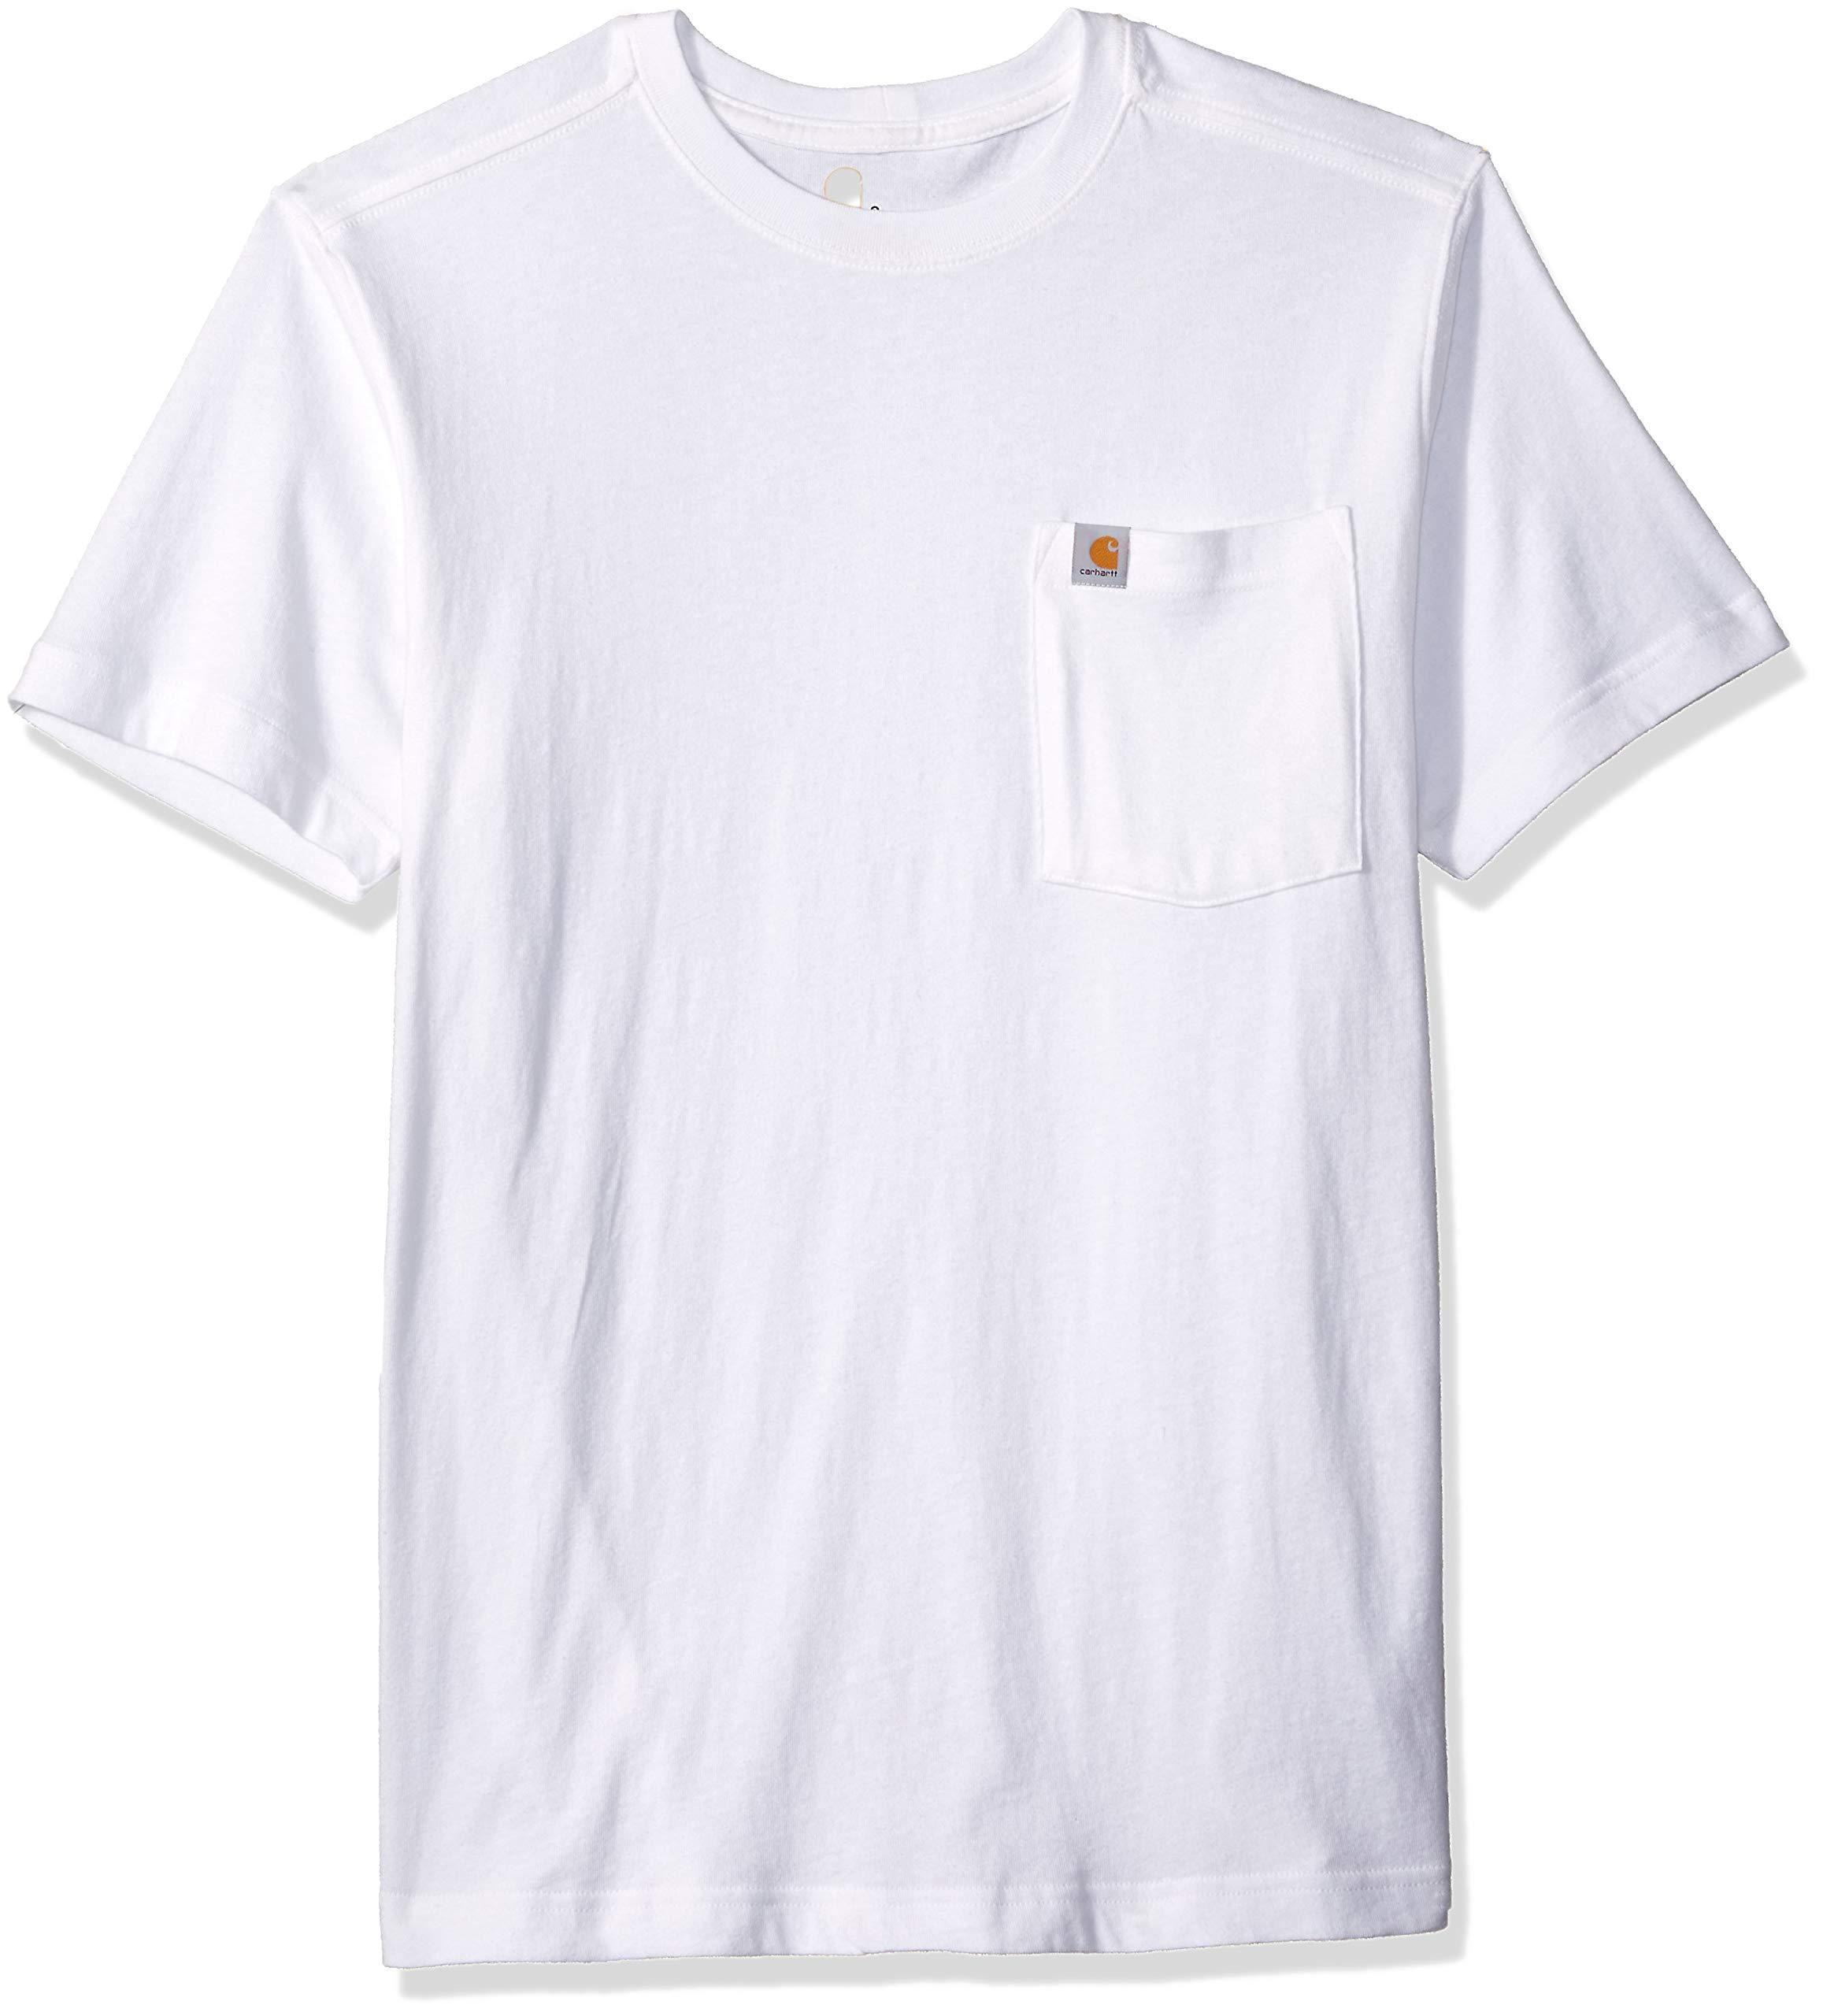 Carhartt Men's Maddock Pocket Short-Sleeve T-Shirt